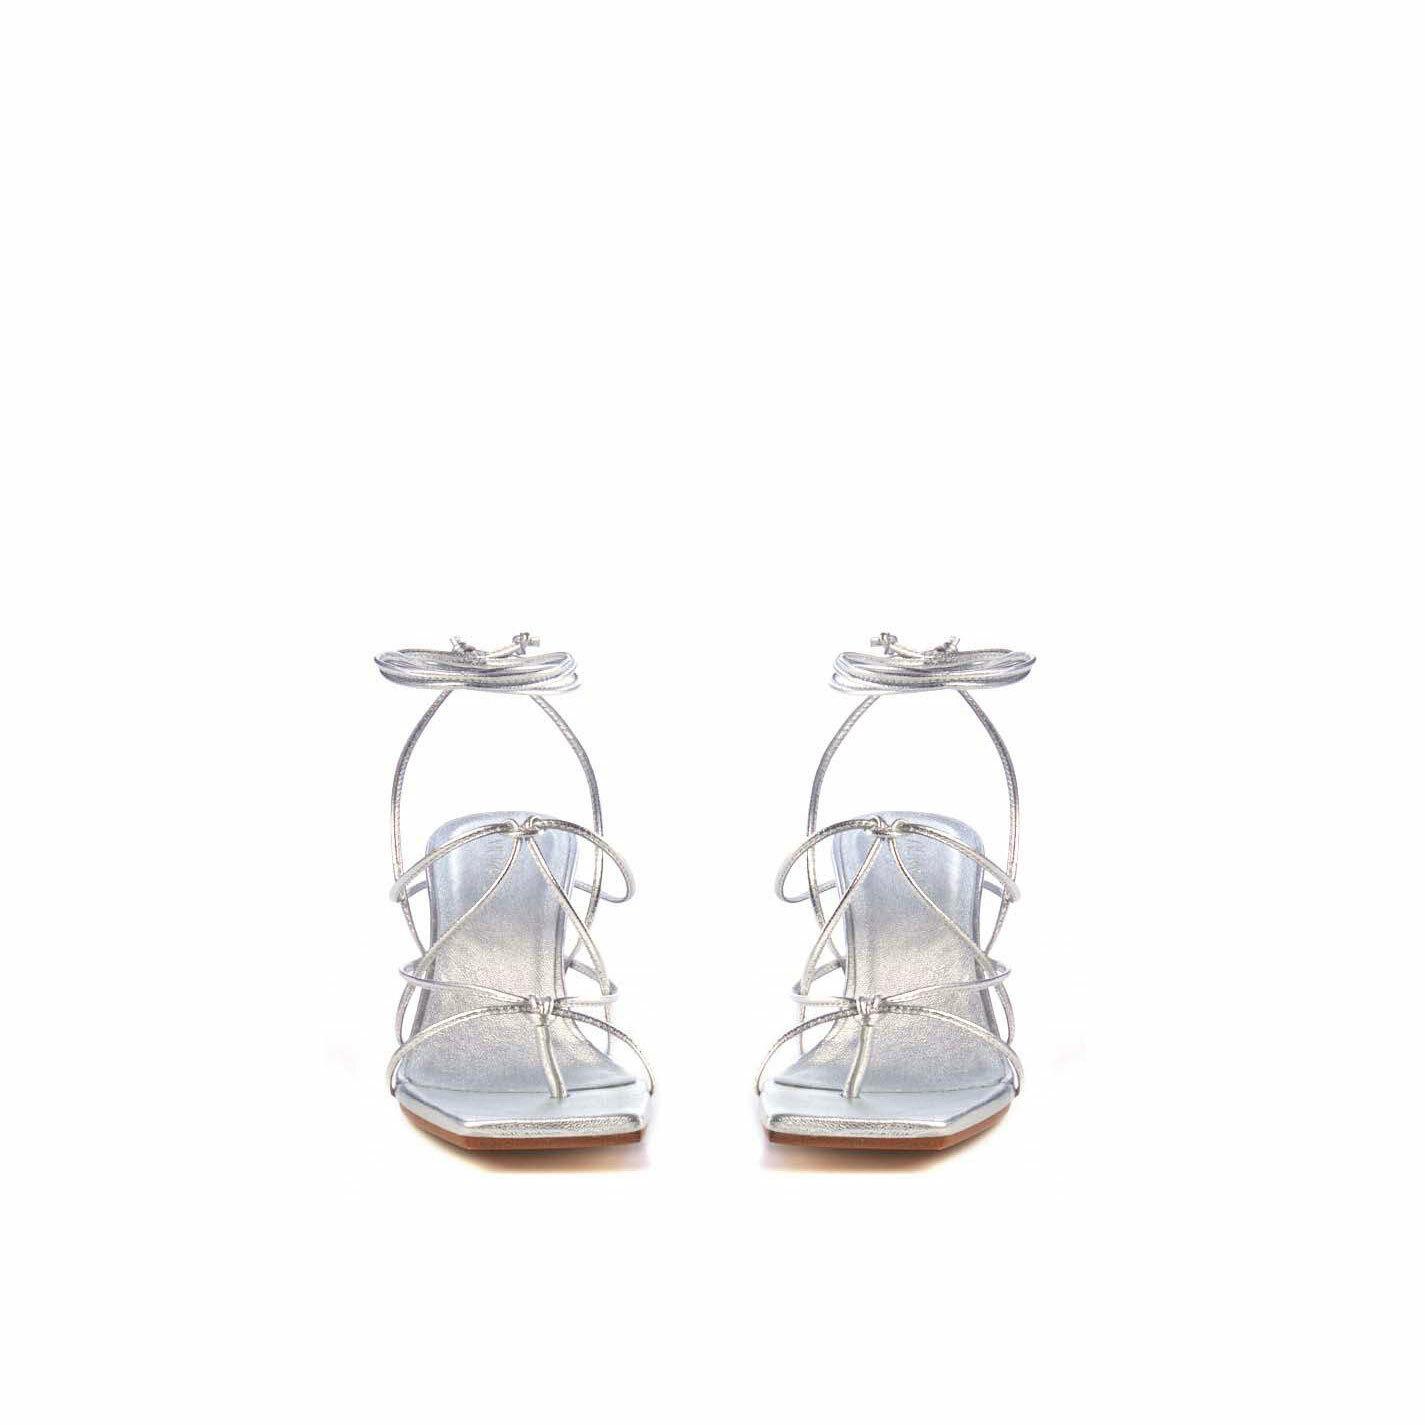 Sandalo rocchetto argento con lacci in  nappa laminata